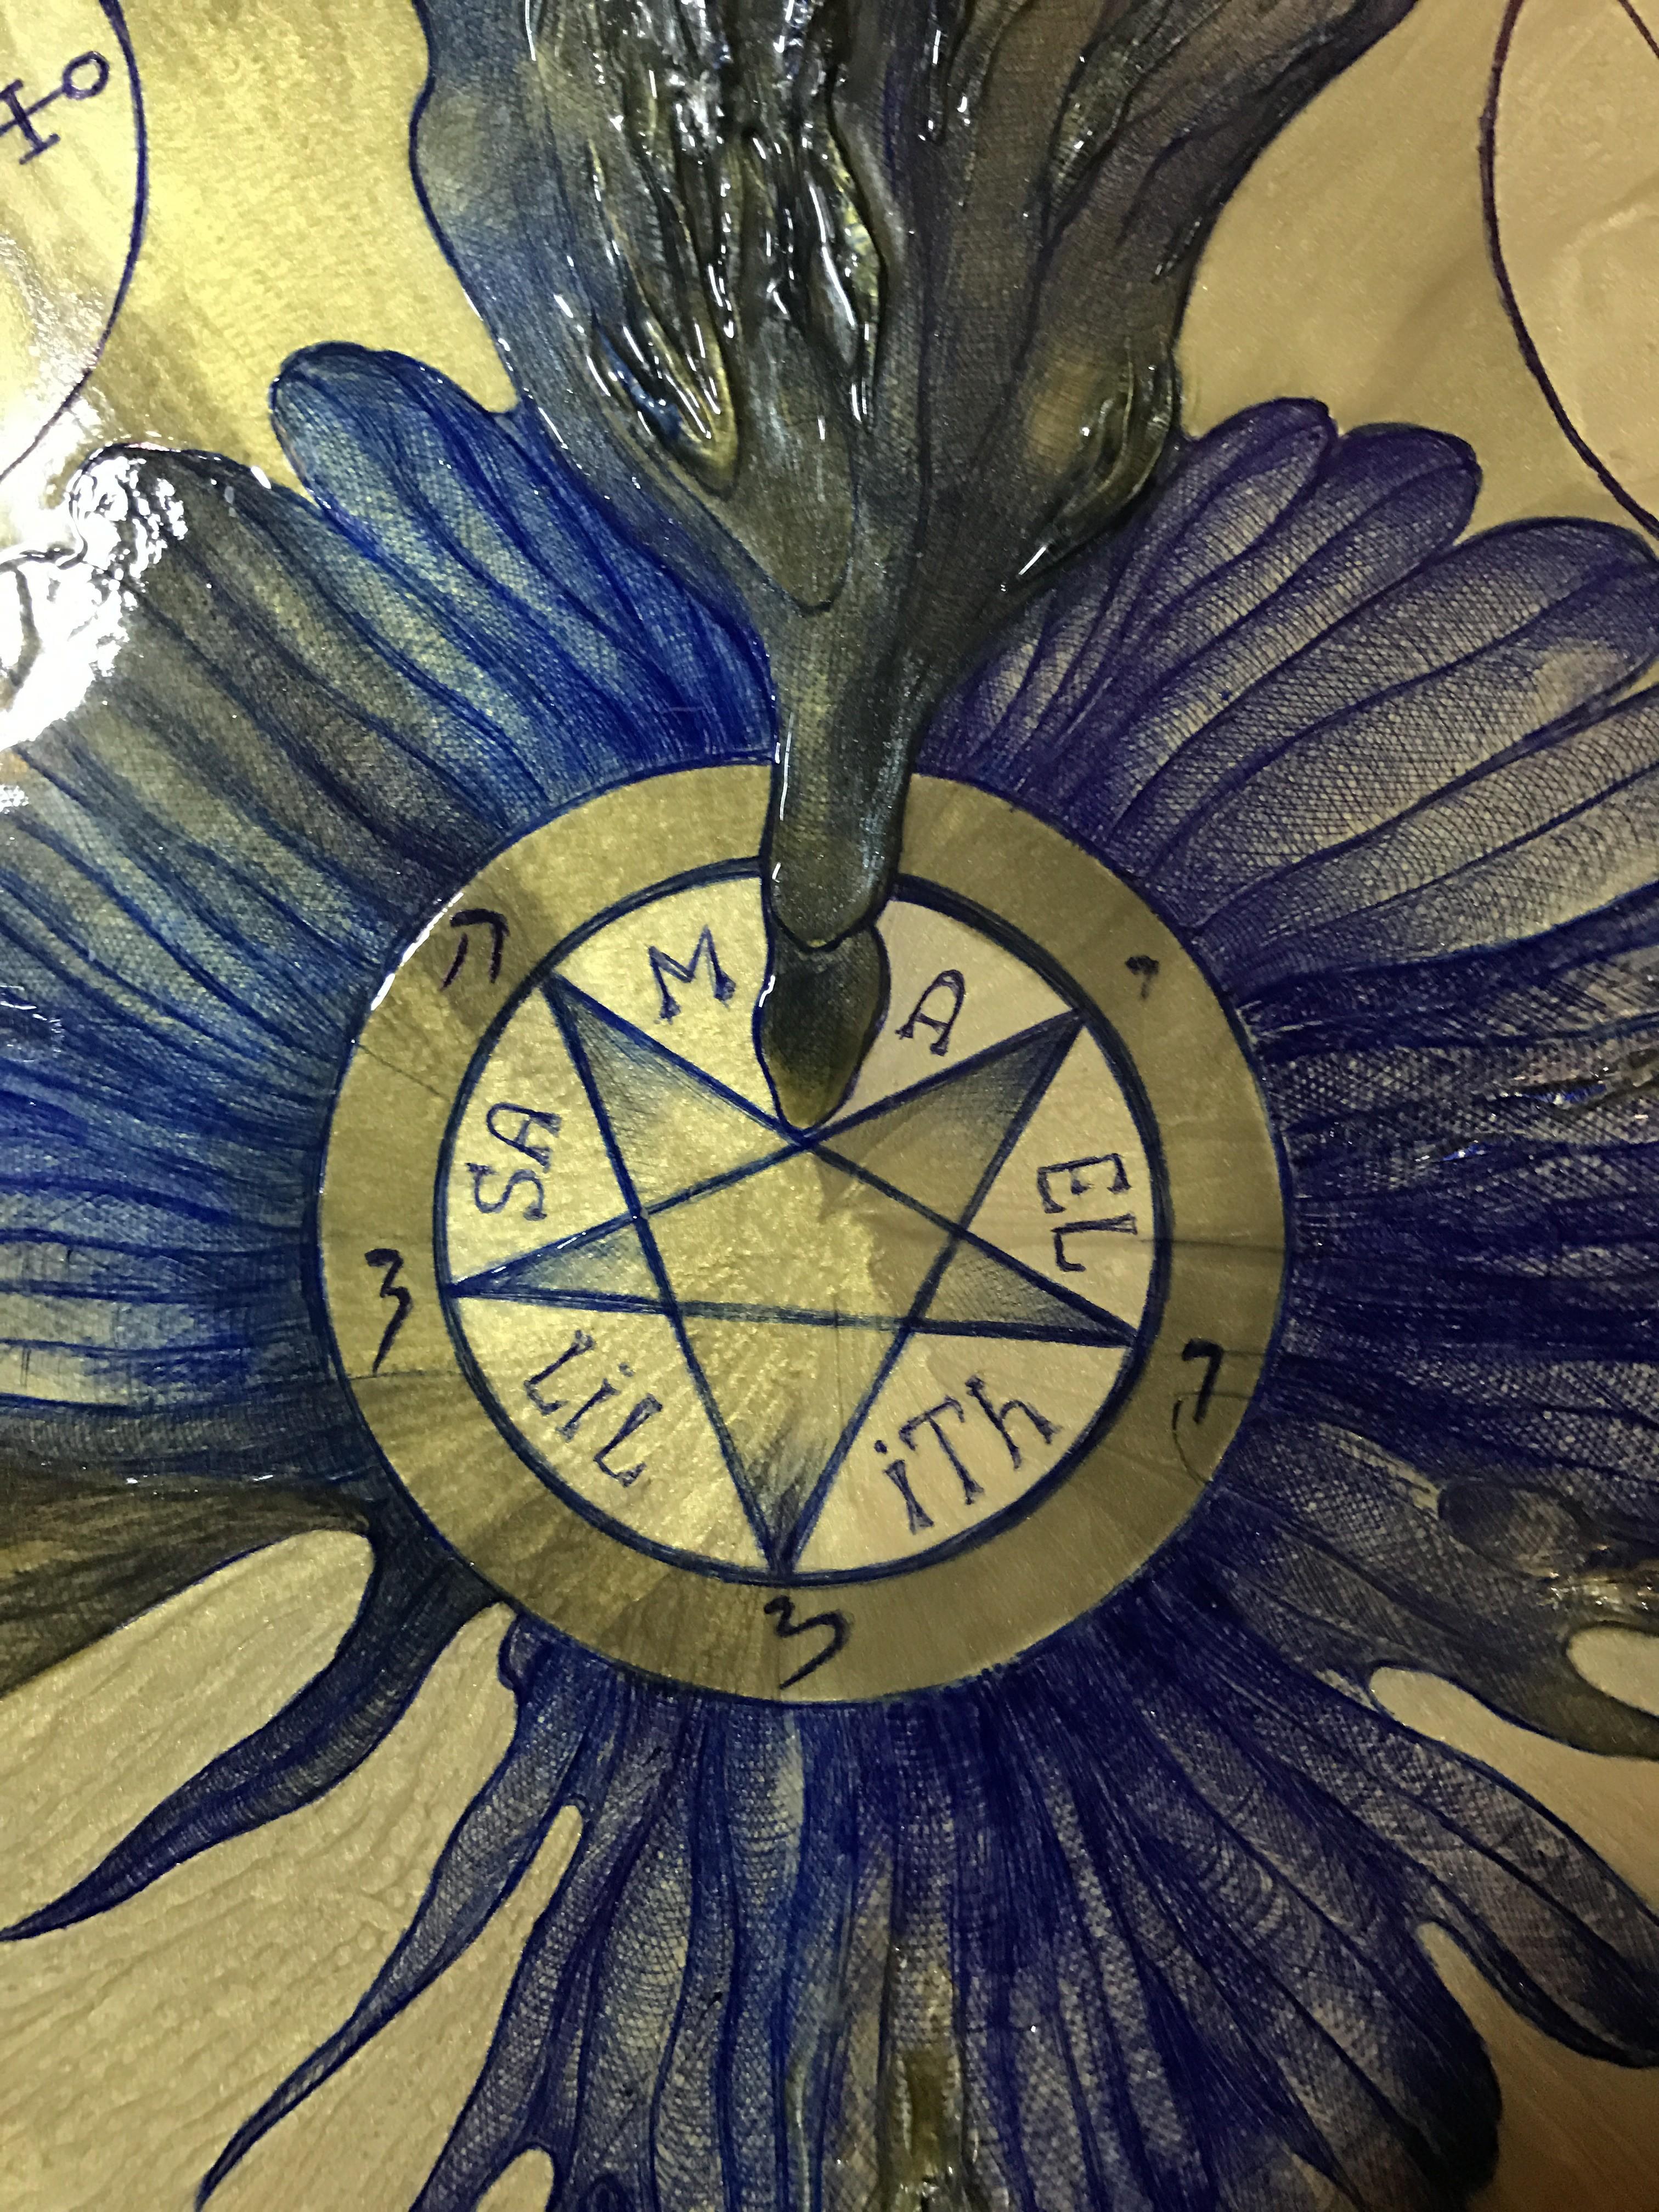 IMG 1534 - Чёрный алтарь на 4 Демона